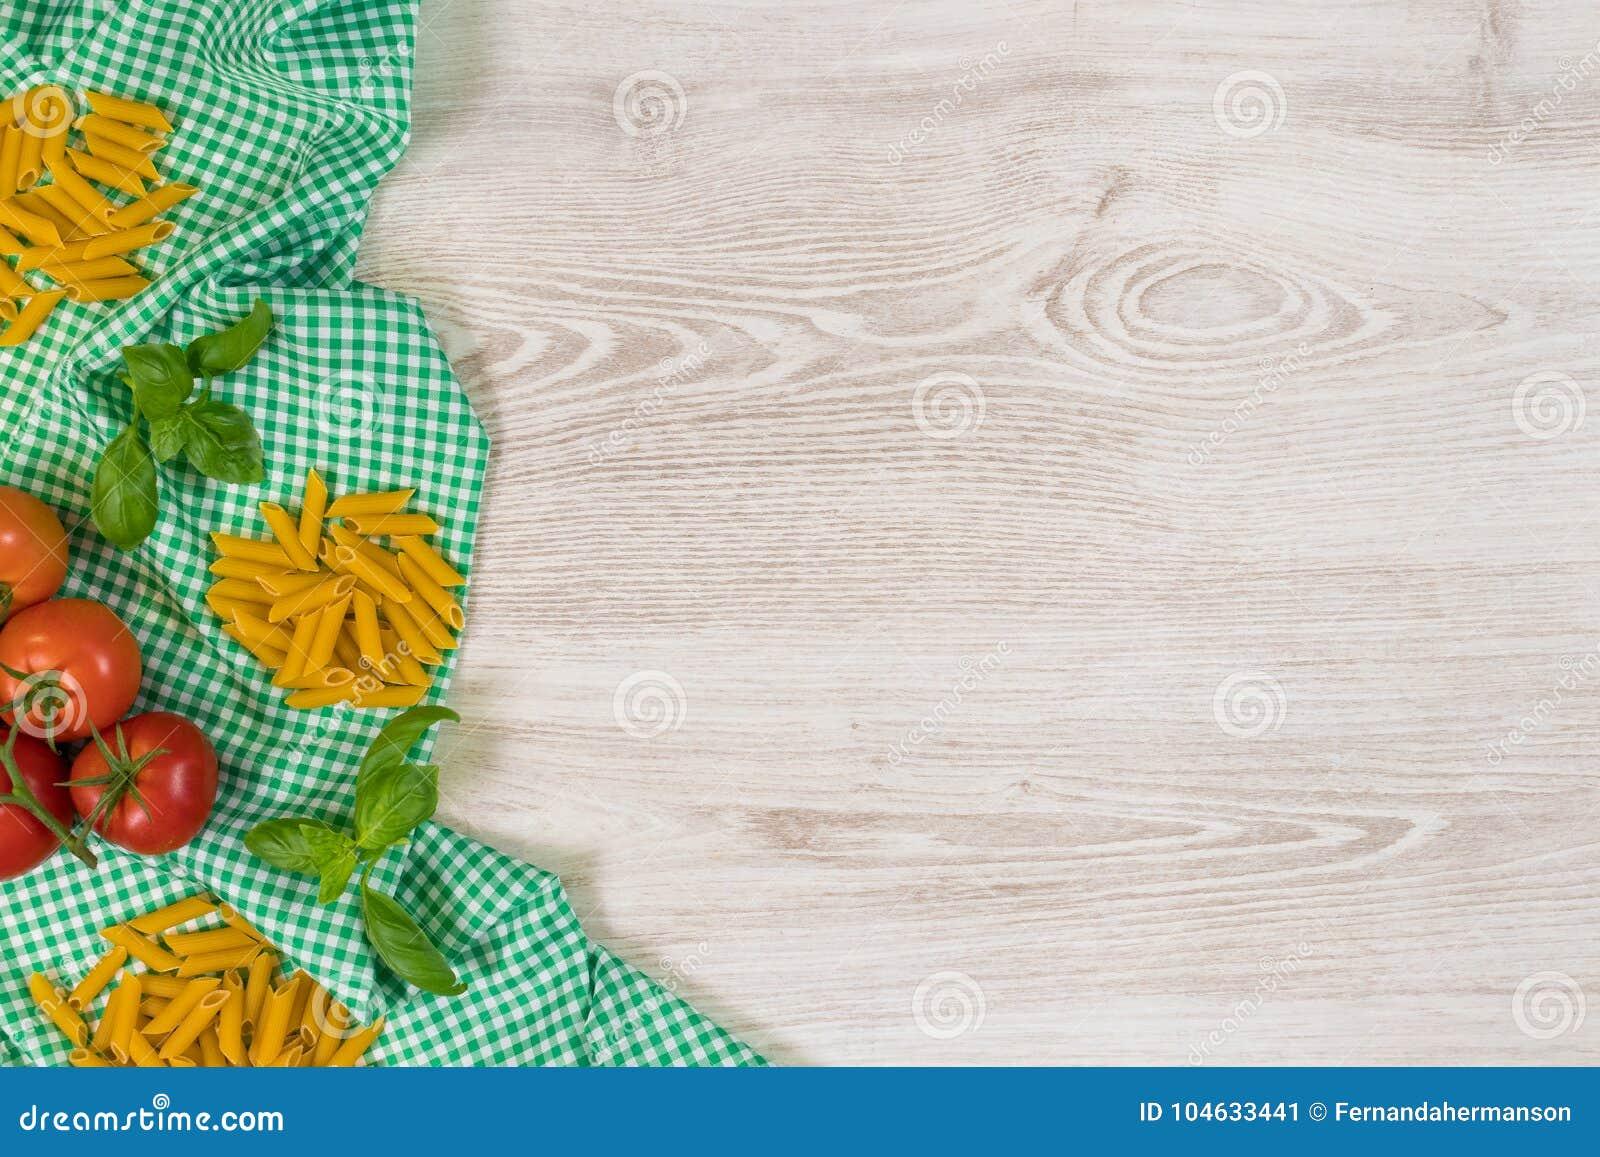 Download Italiaanse Deegwaren Ruwe Ingrediënten Op Houten Achtergrond Stock Afbeelding - Afbeelding bestaande uit macaroni, deegwaren: 104633441